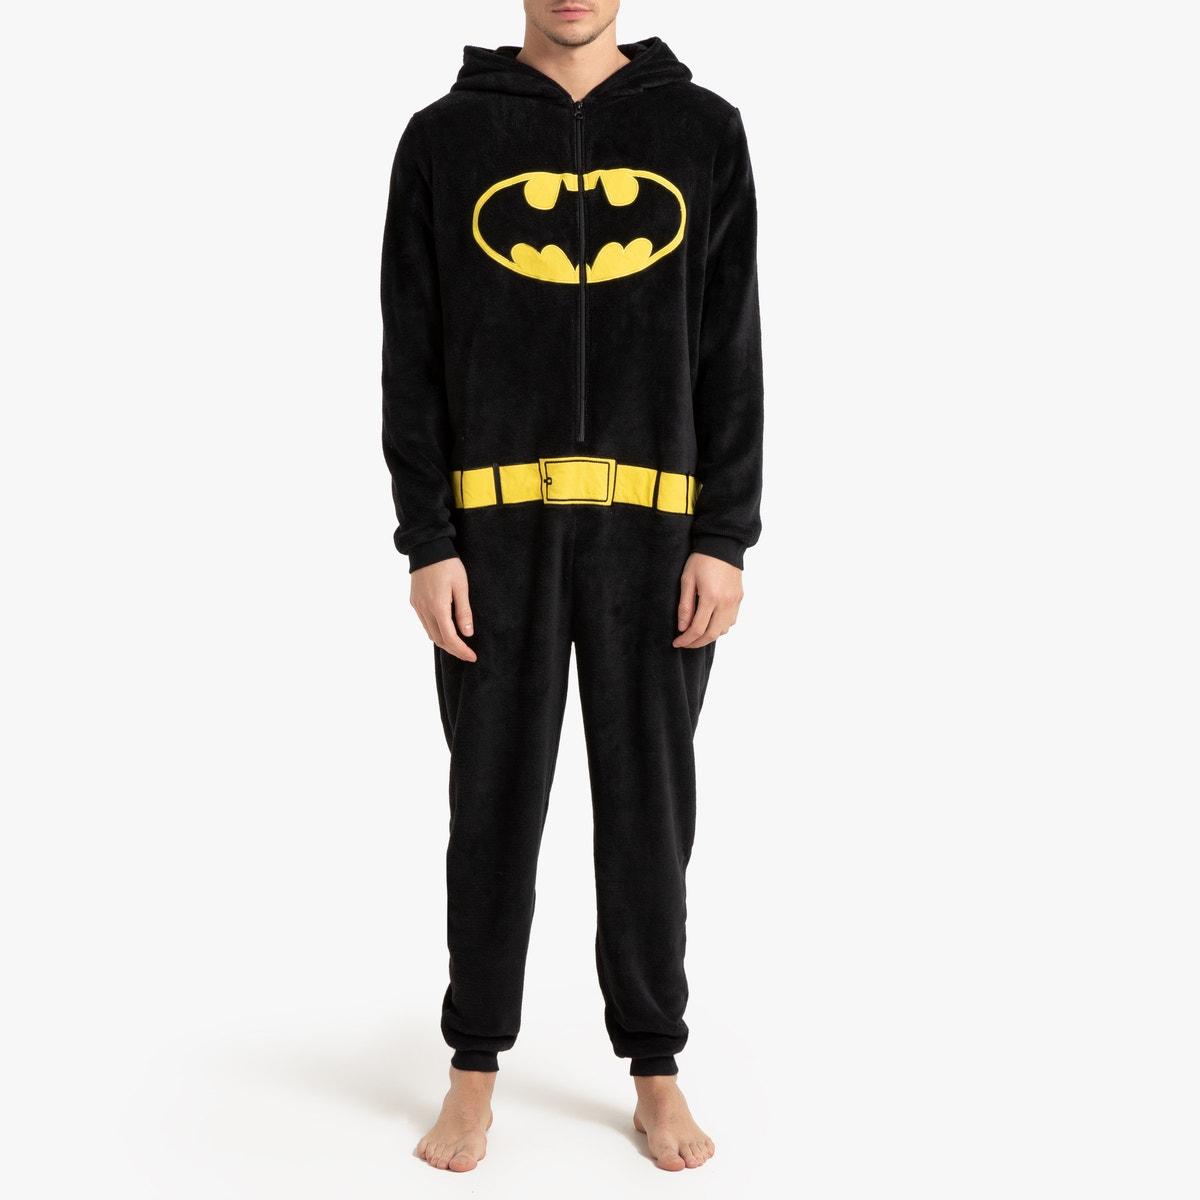 Batman - Ολόσωμη πιτζάμα με κουκούλα 350160290 - 6527